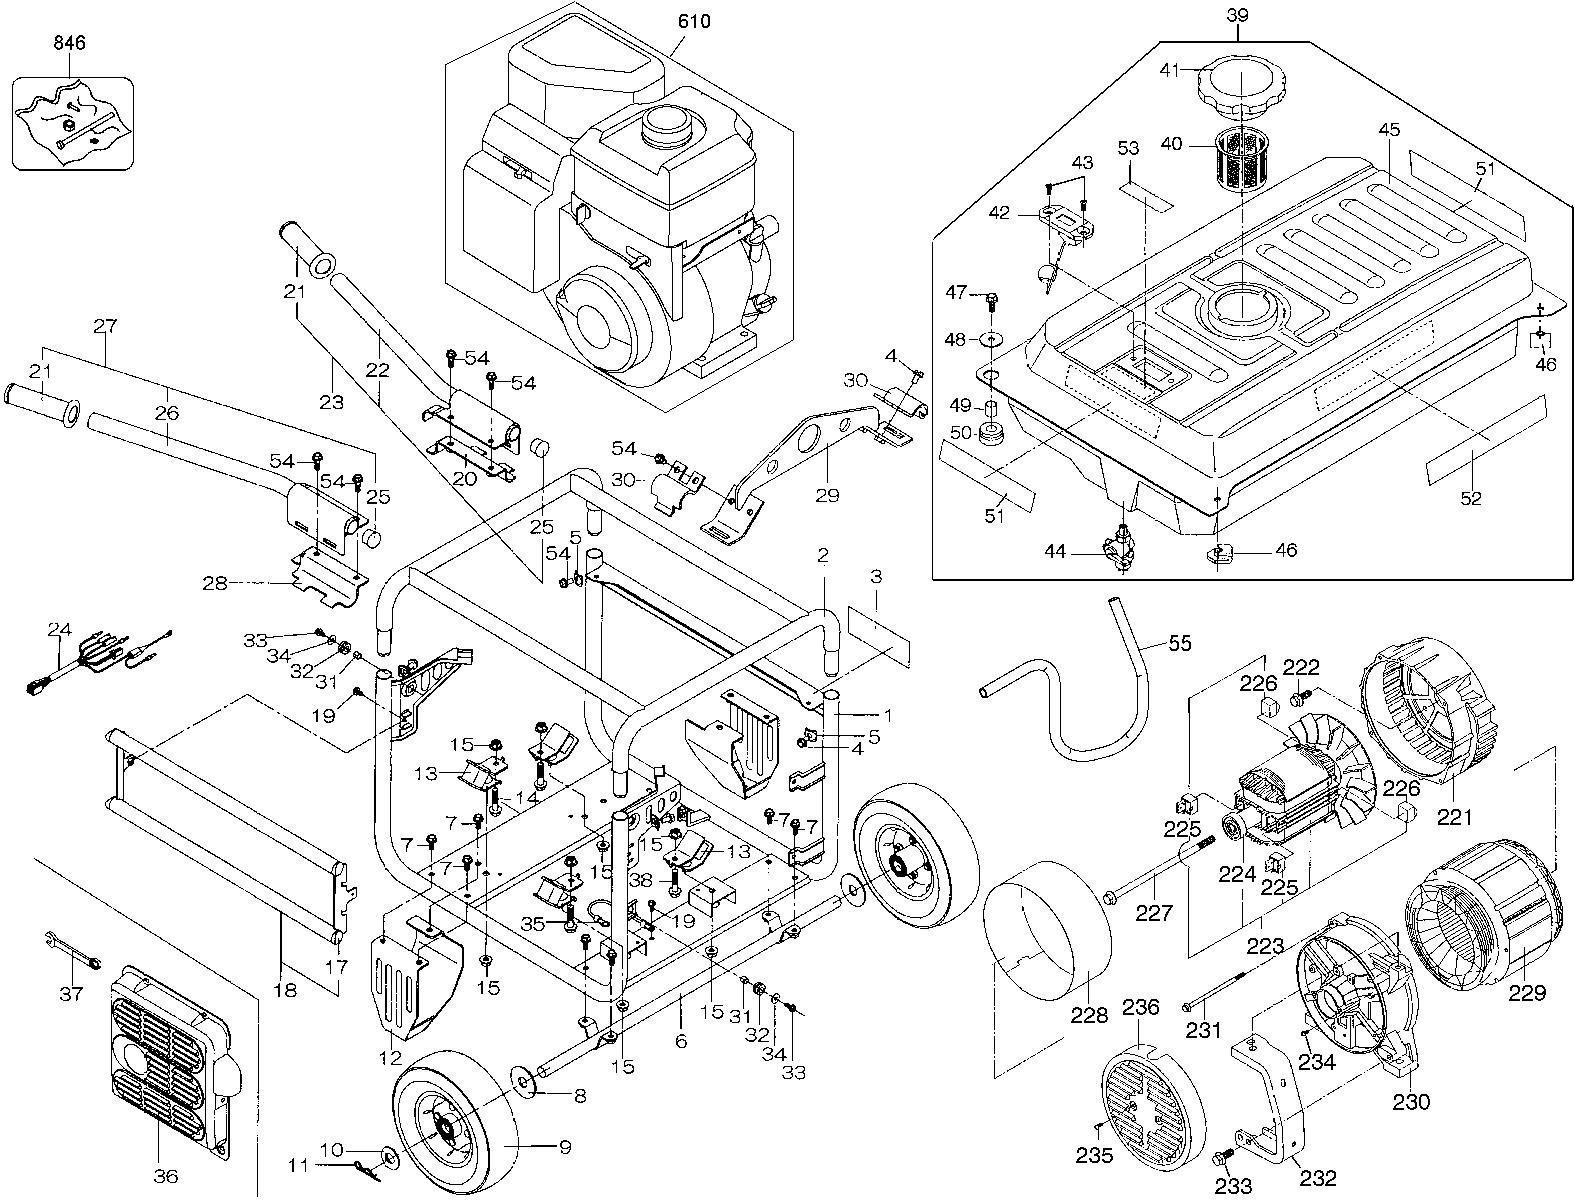 [SCHEMATICS_4ER]  ZF_4733] Dg6000 Wiring Diagram Download Diagram | Dg6000 Wiring Diagram |  | Iness Bedr Phae Mohammedshrine Librar Wiring 101